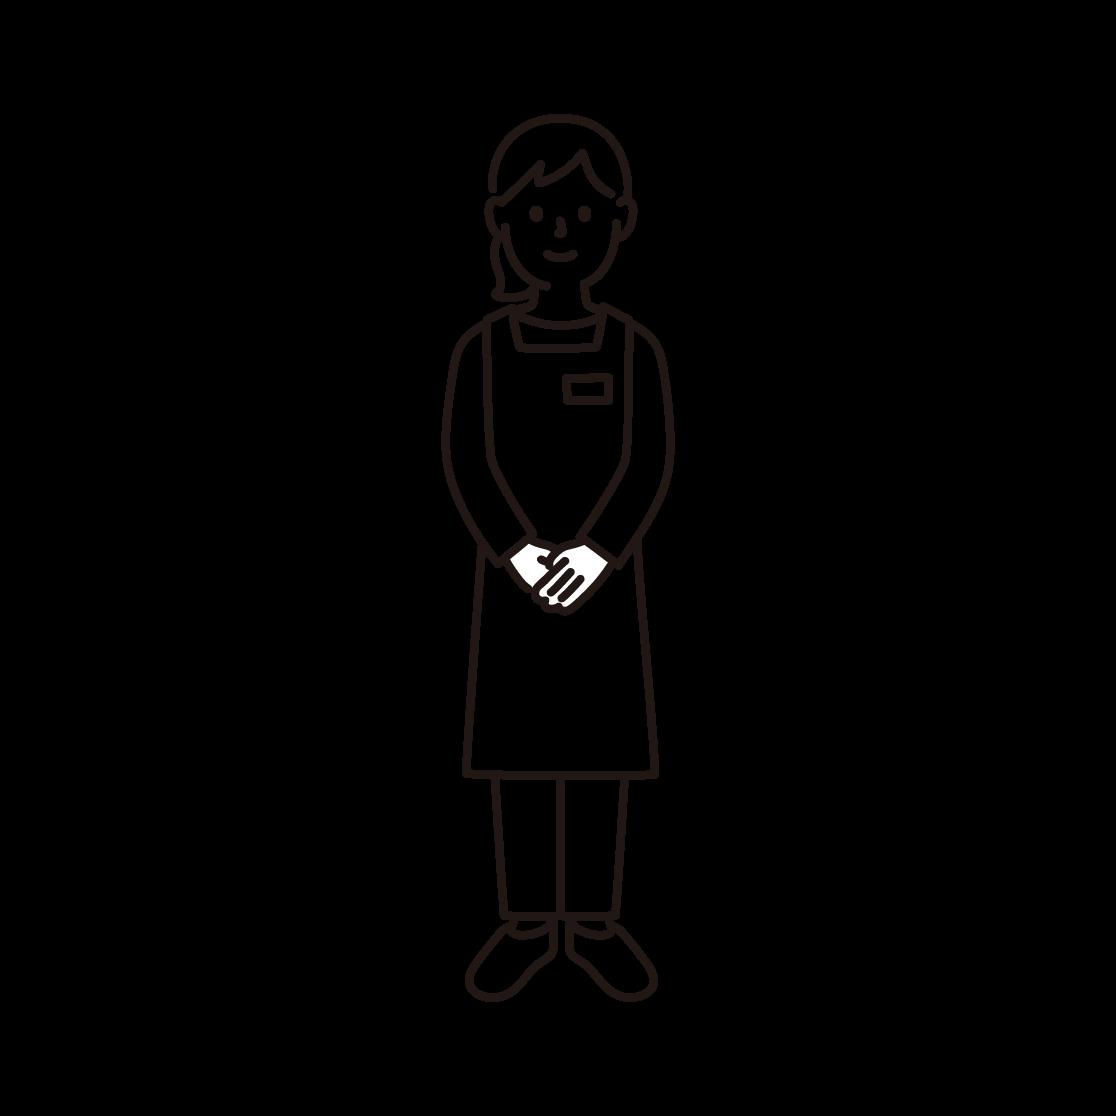 スーパーの店員(女性)の線画イラスト